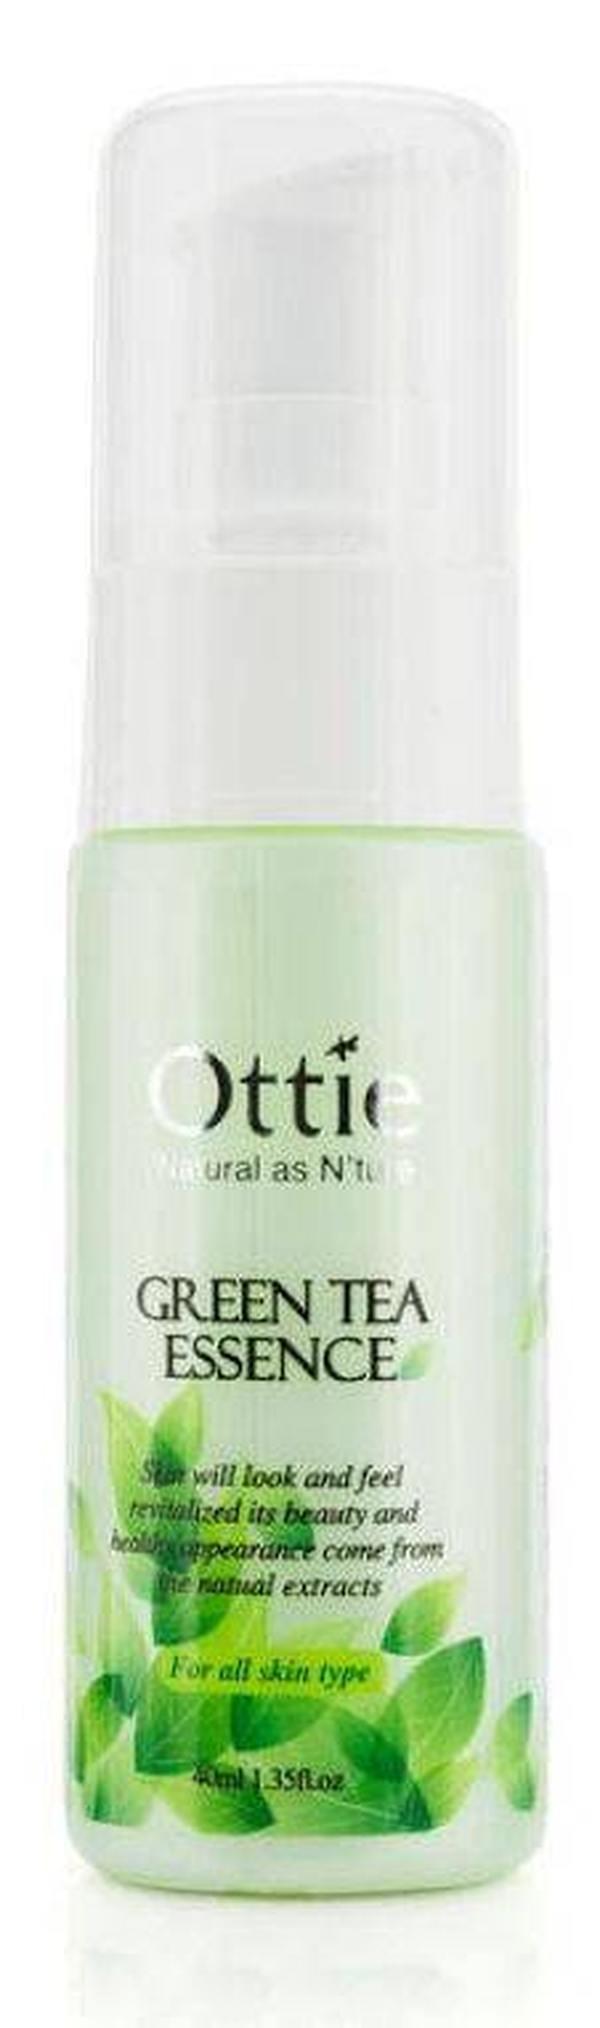 ТОП лучших кремов для лица с зеленым чаем